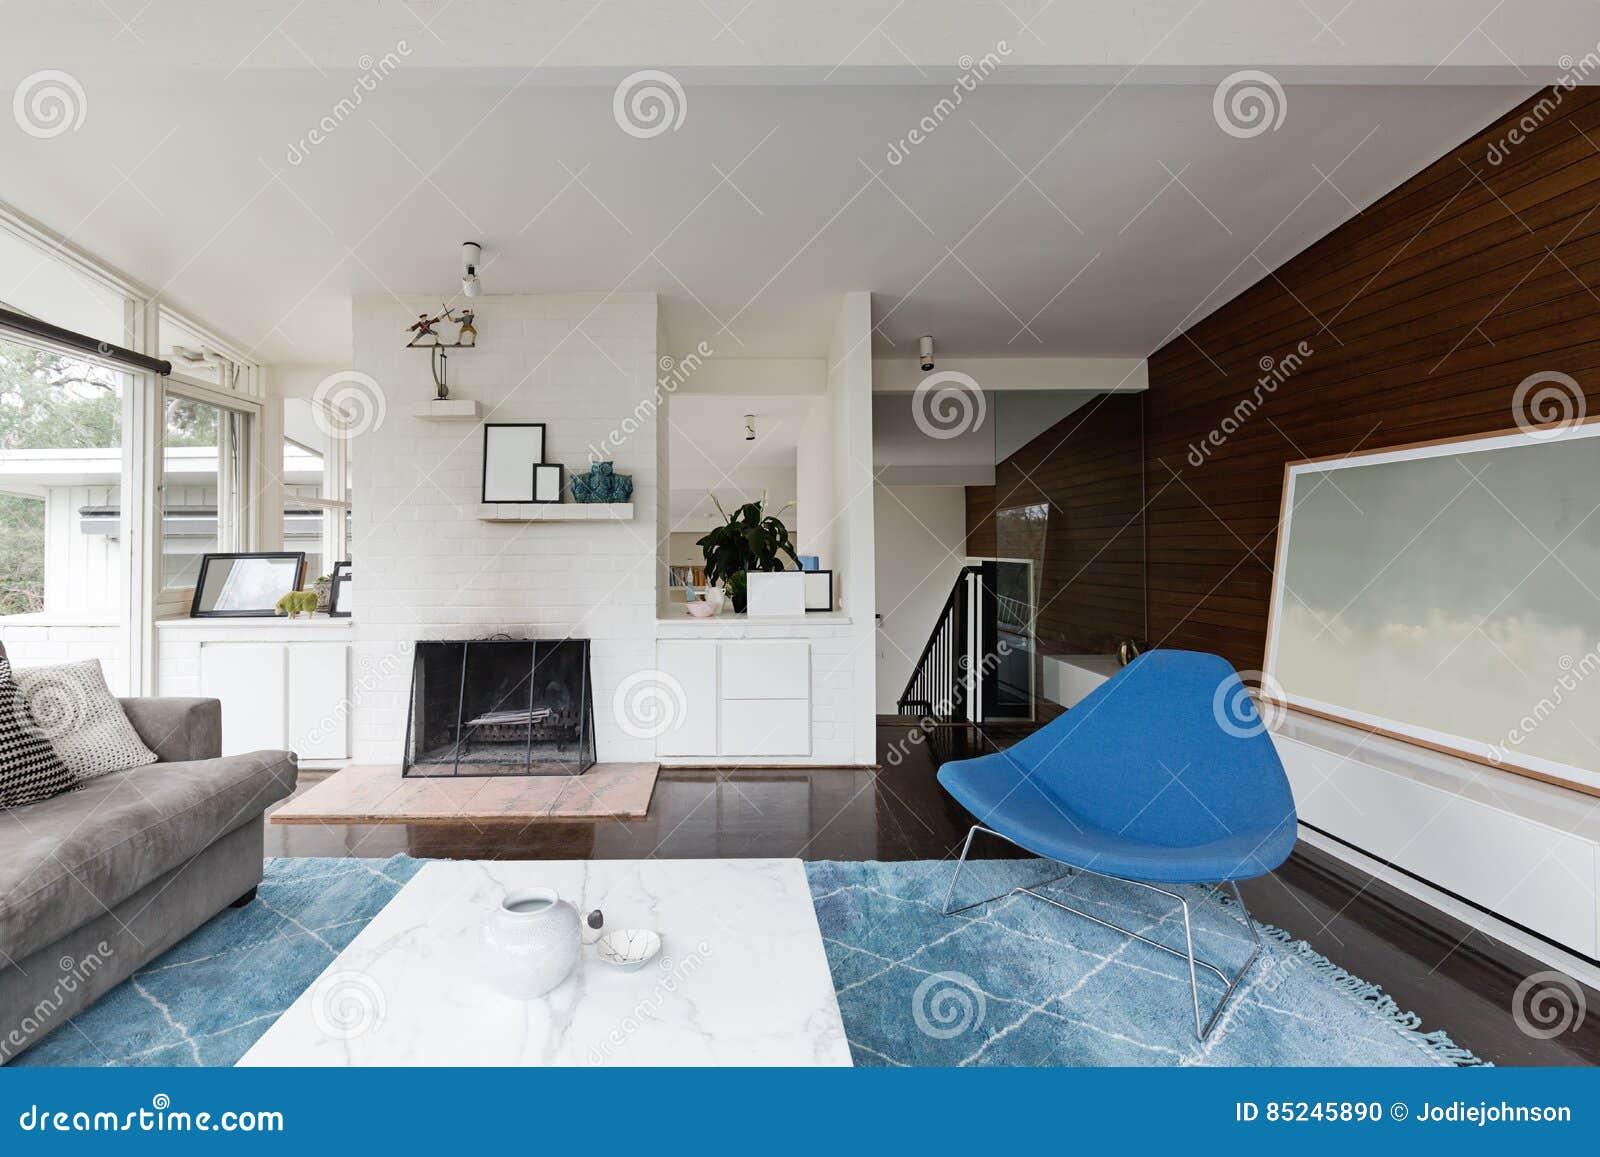 Moderne midden van de eeuw vernieuwde woonkamer